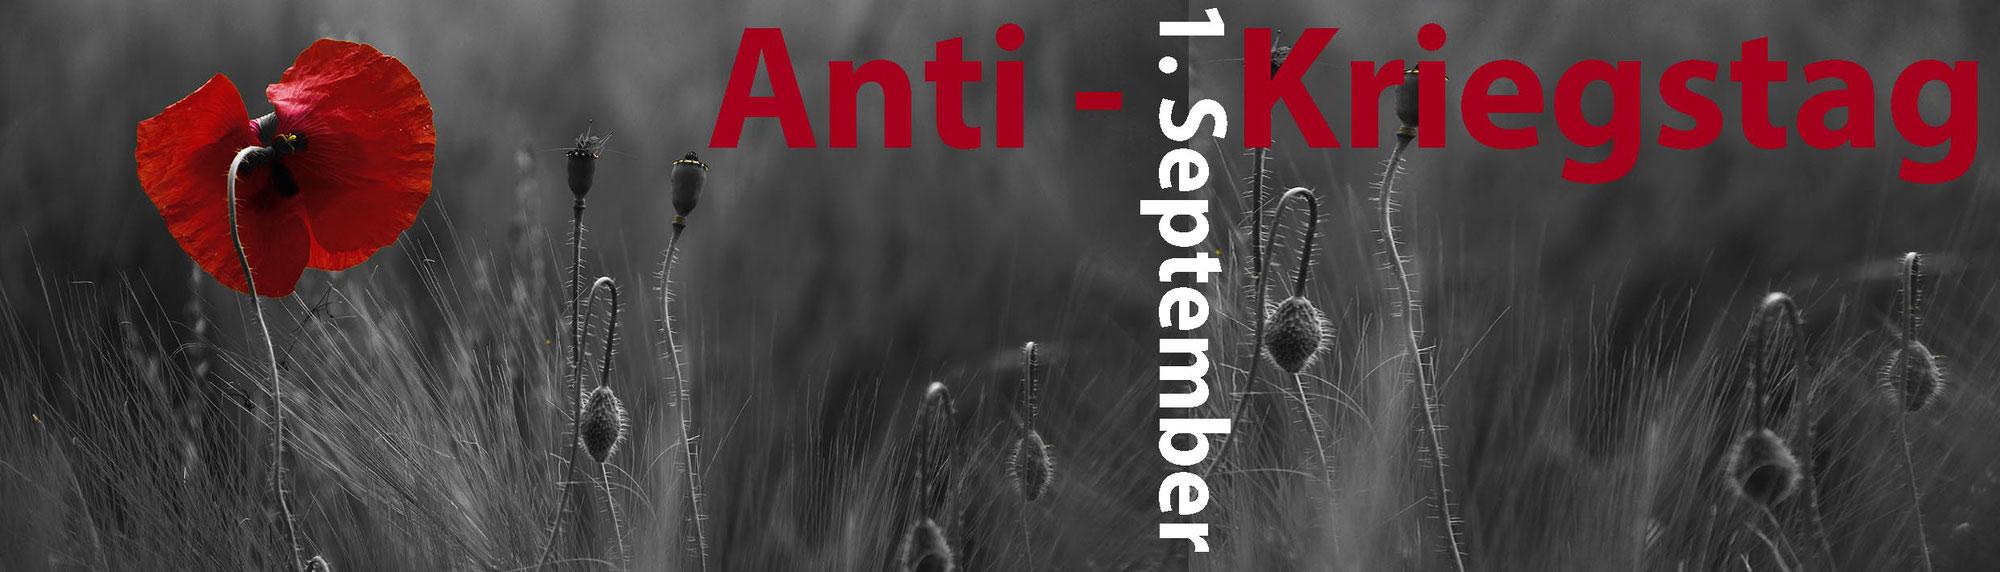 Der 1. September ist Antikriegstag – brauchen wir den noch?